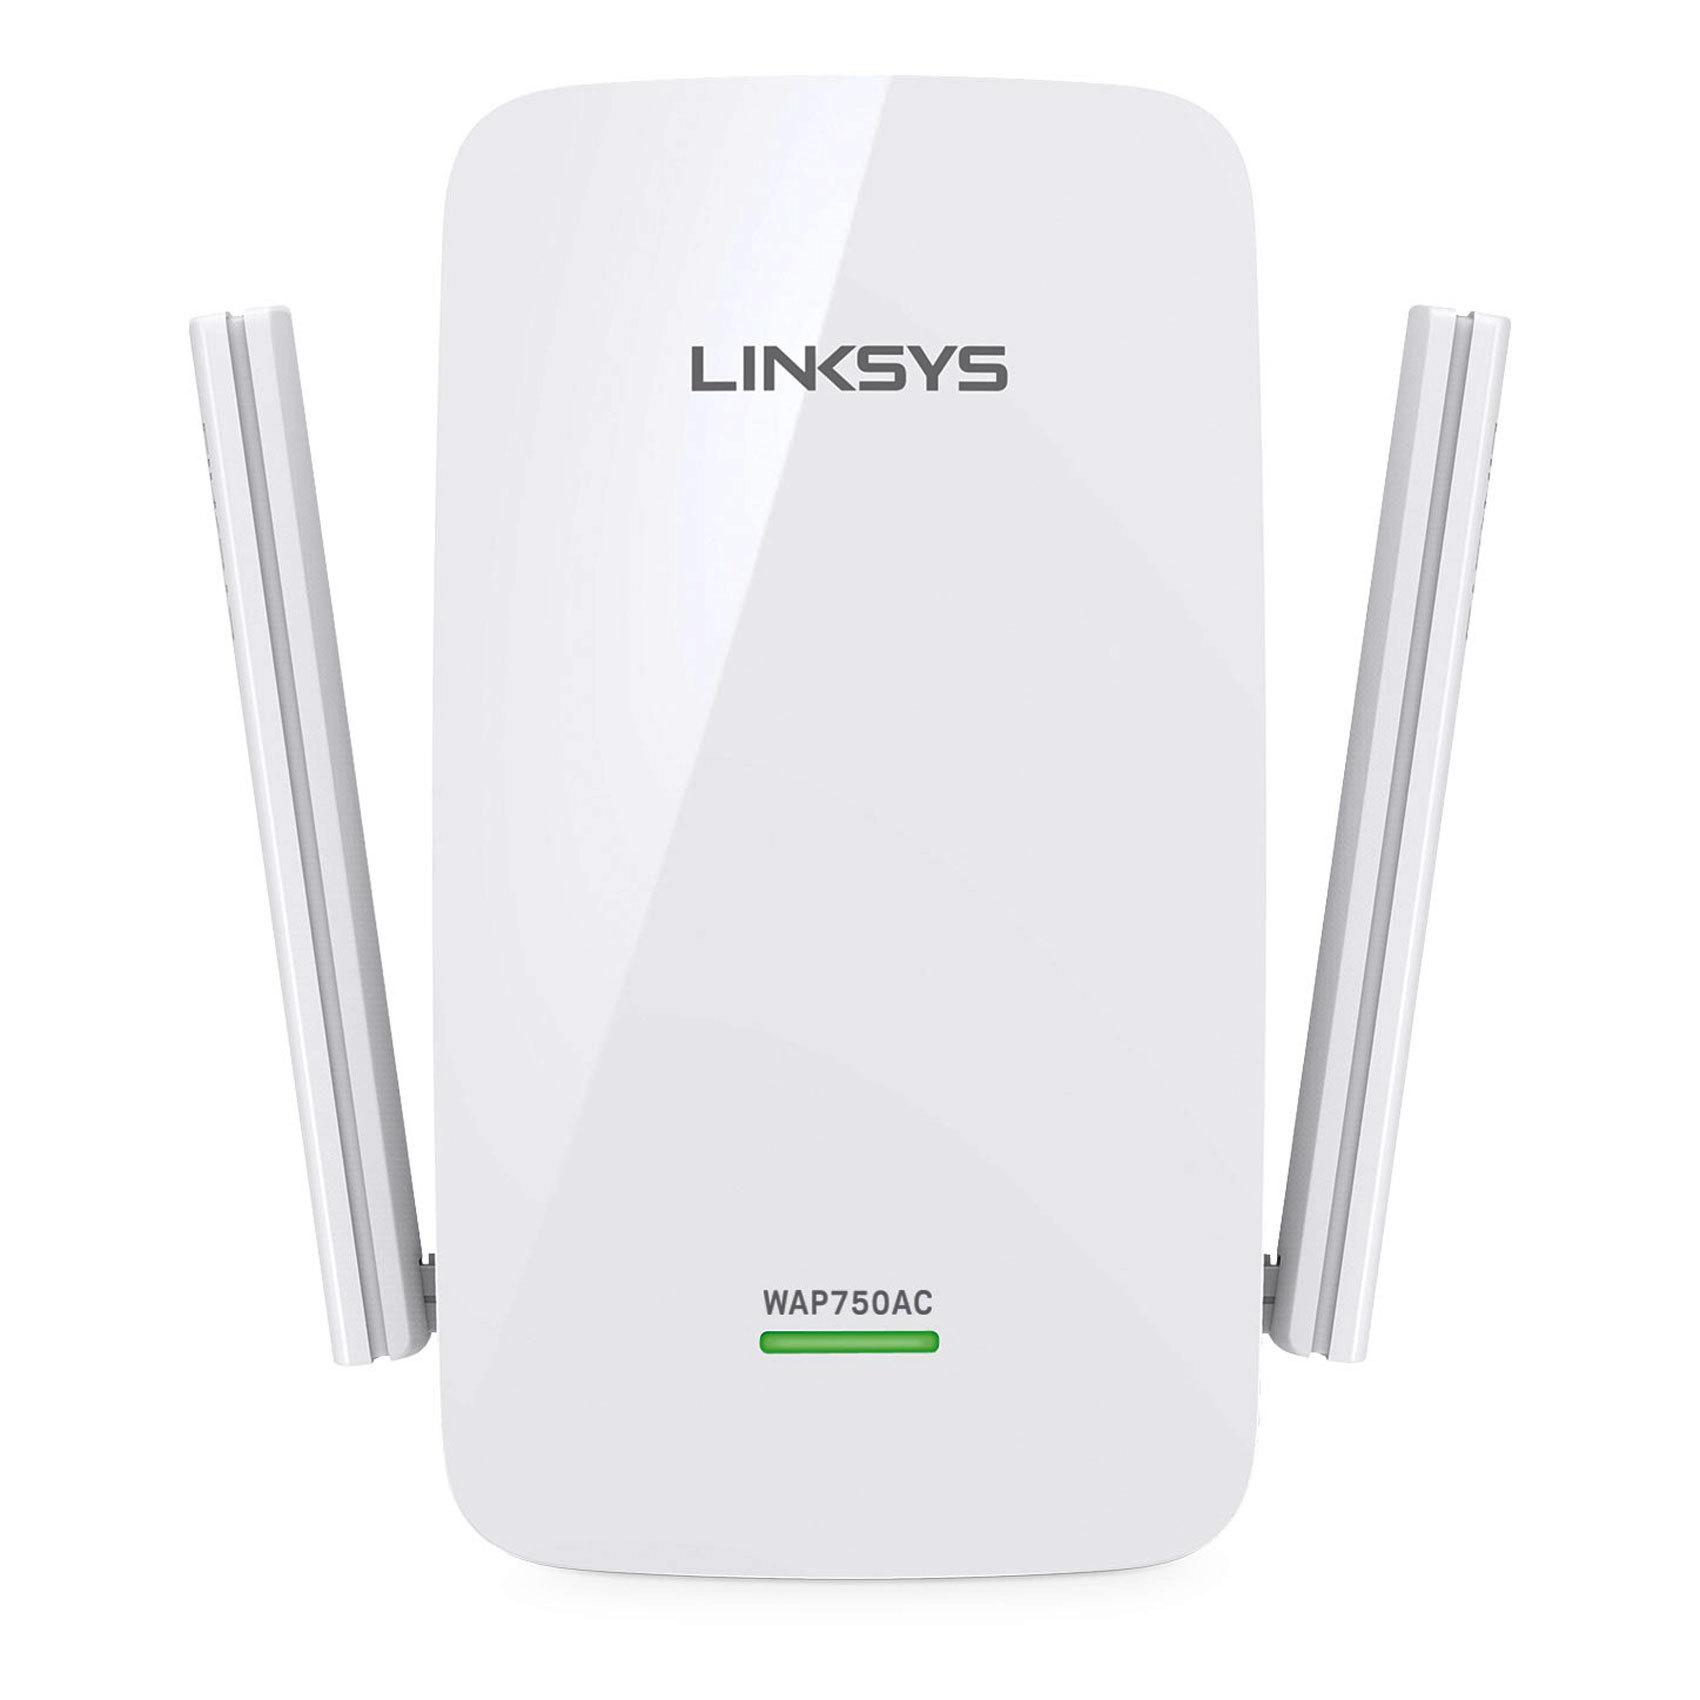 LINKSYS W/L AP AC750 WAP750C